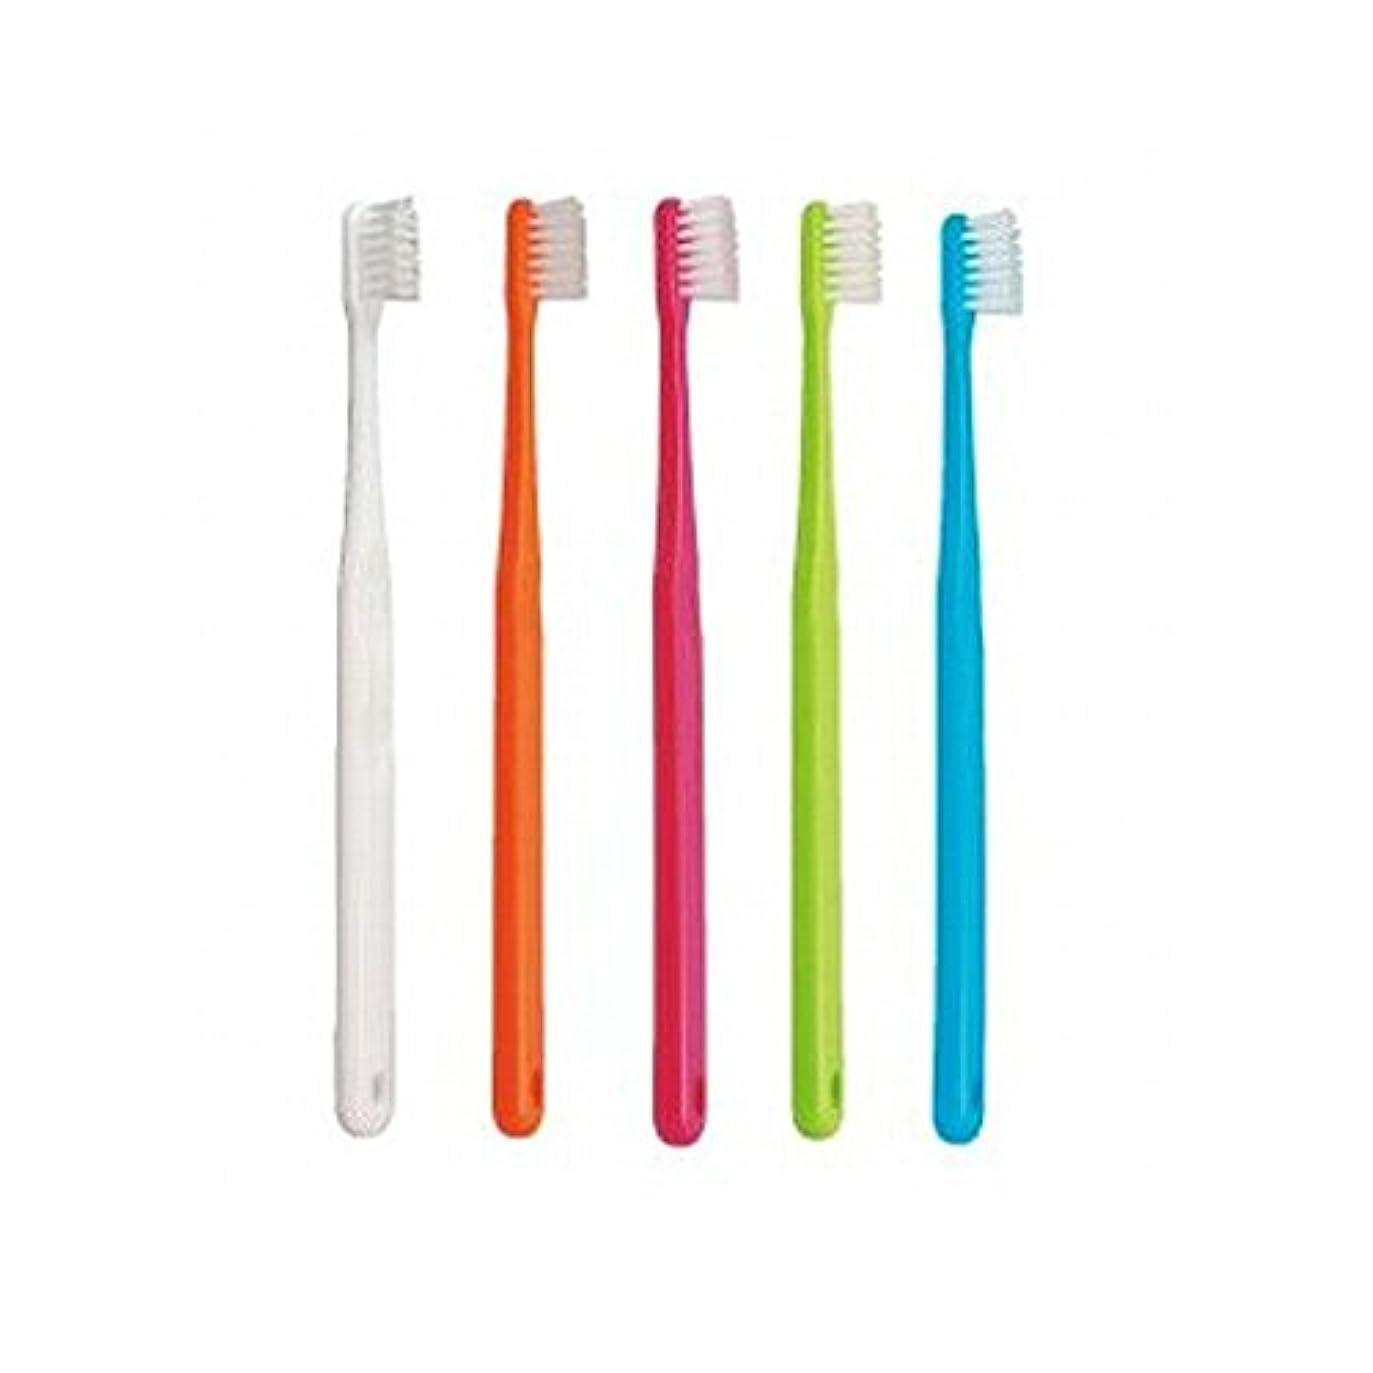 マエストロ表向きあいまいさ【Ci/シーアイ】【歯科用】Ci703 25本【歯ブラシ】【やわらかめ】【極薄ヘッド】ハンドルカラー5色選択不可